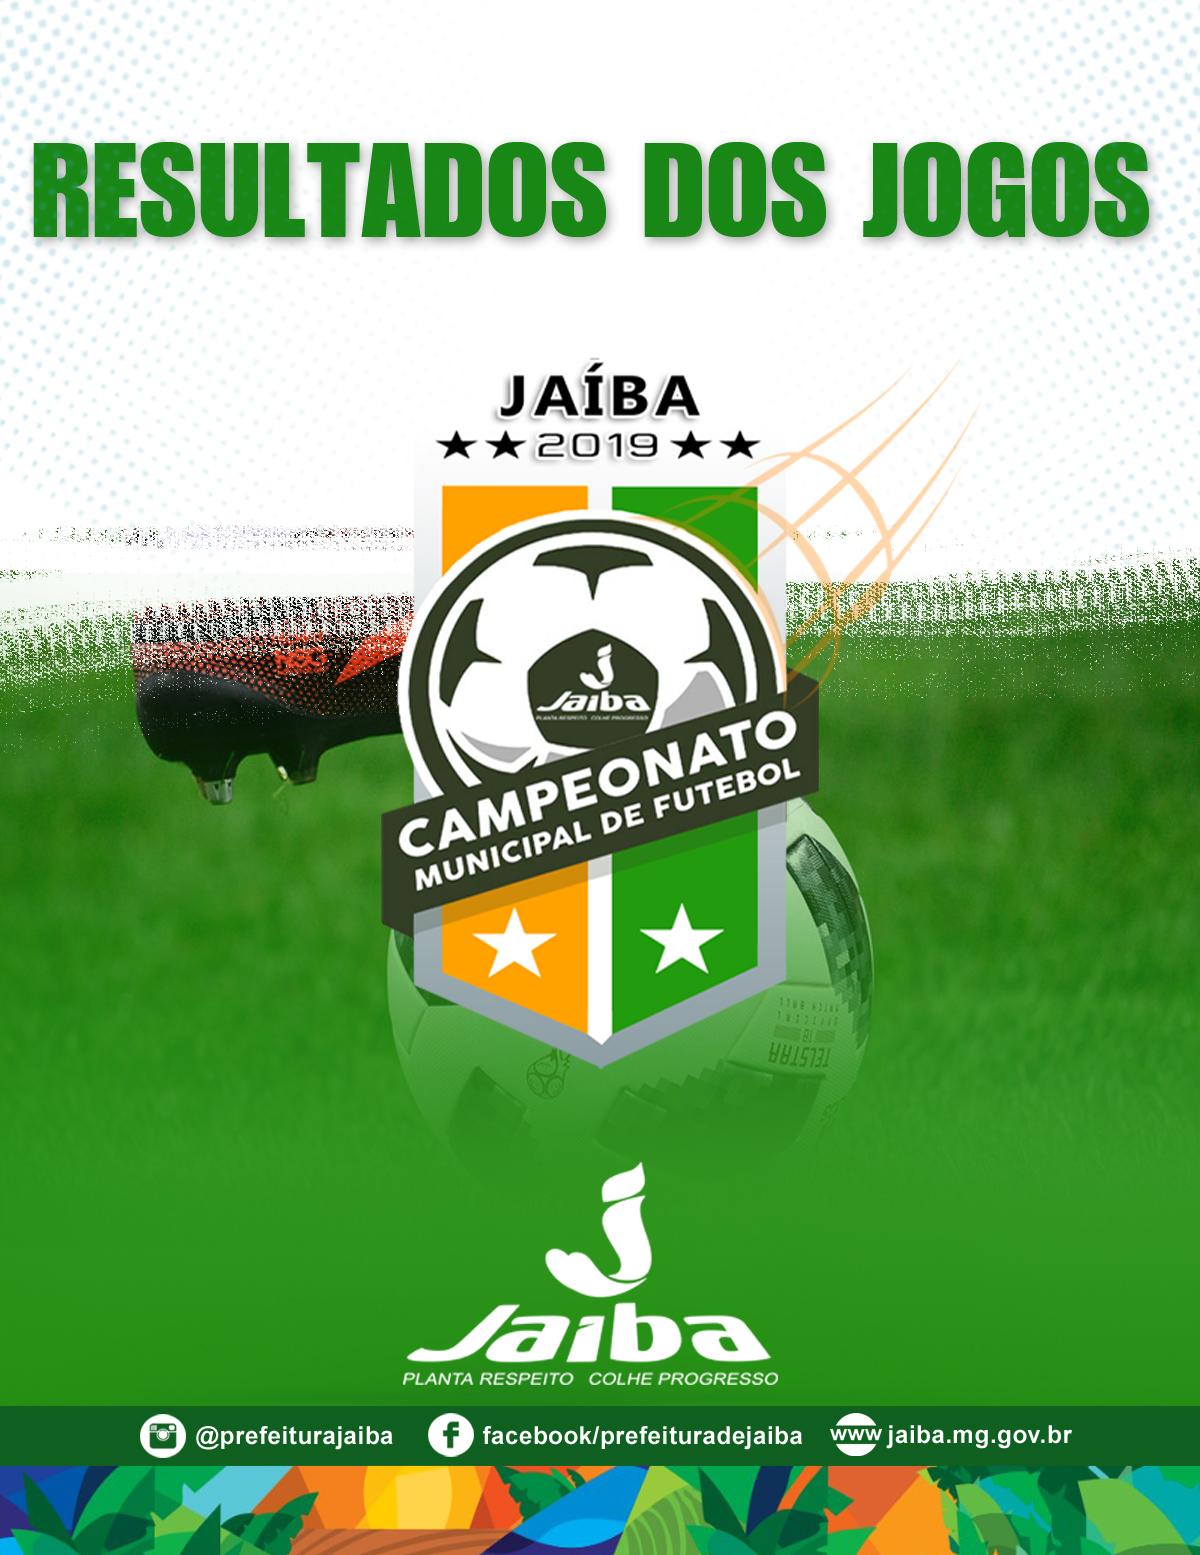 Juventus e Barcevilha estão na grande final do Campeonato de Jaíba 2019 decisão será no próximo sábado dia 21 no Estádio José Otacílio Soares